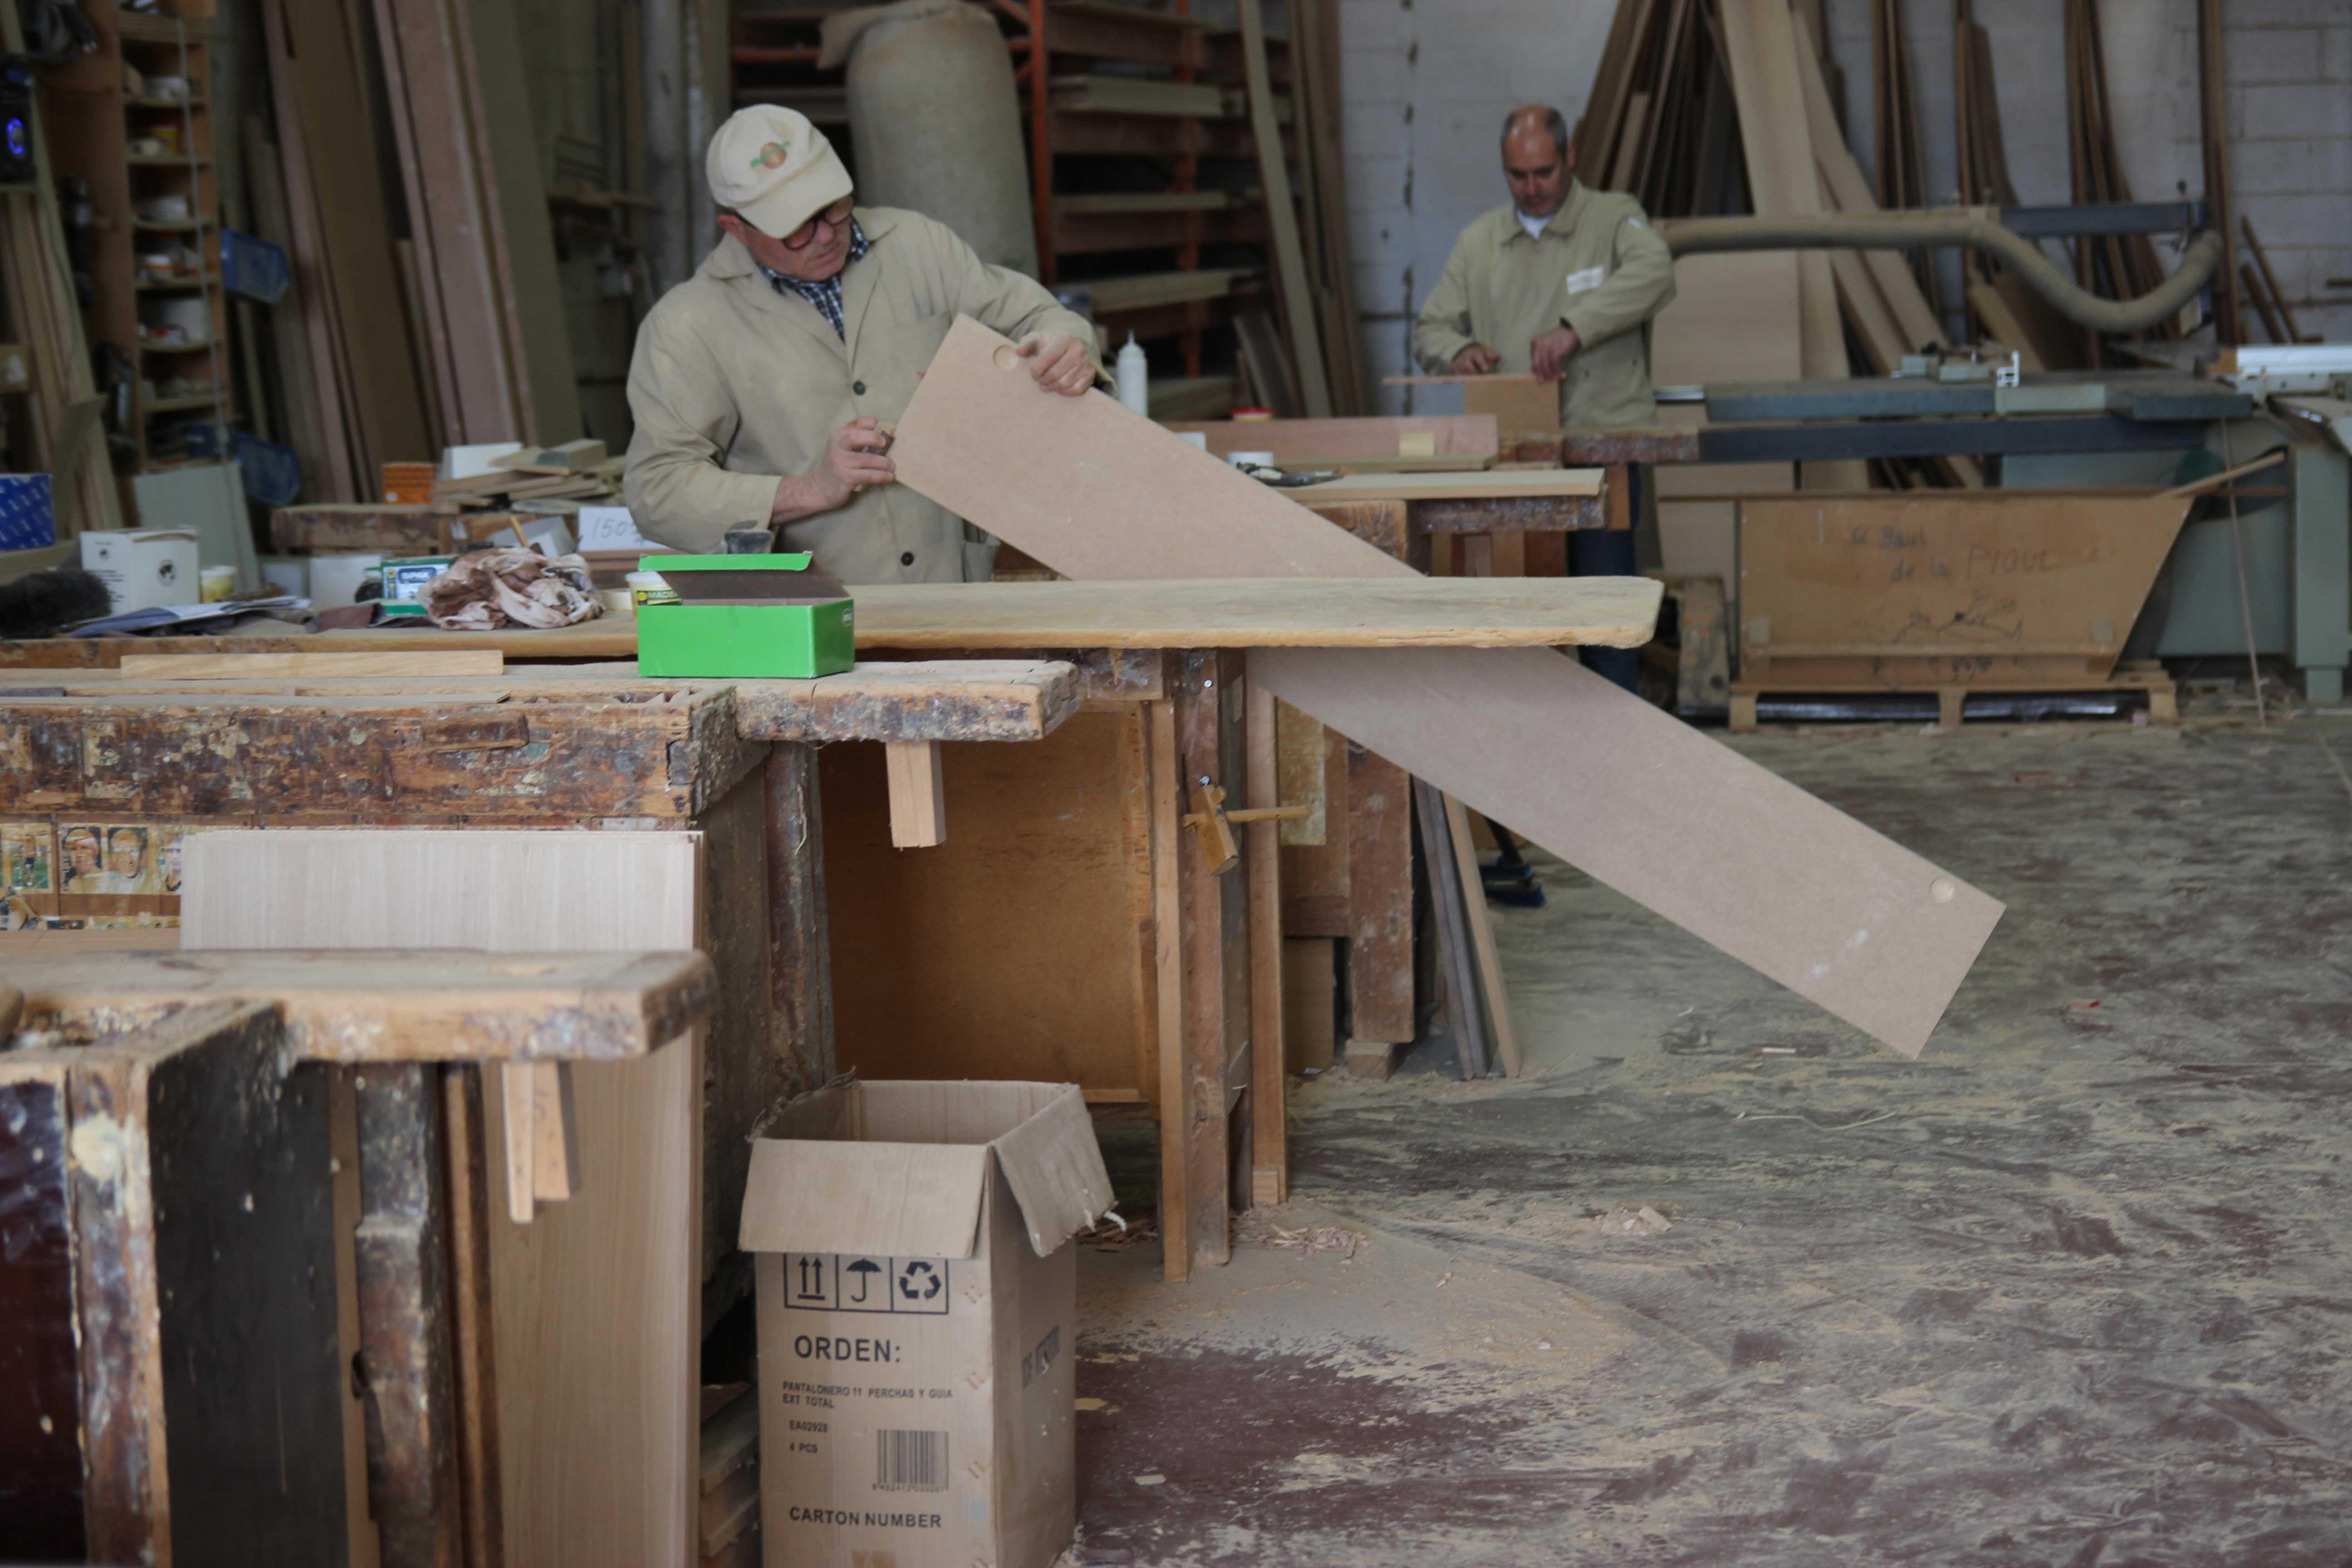 Las empresas de Apimad generan más de un centenar de empleos directos en el sector del mueble a medida